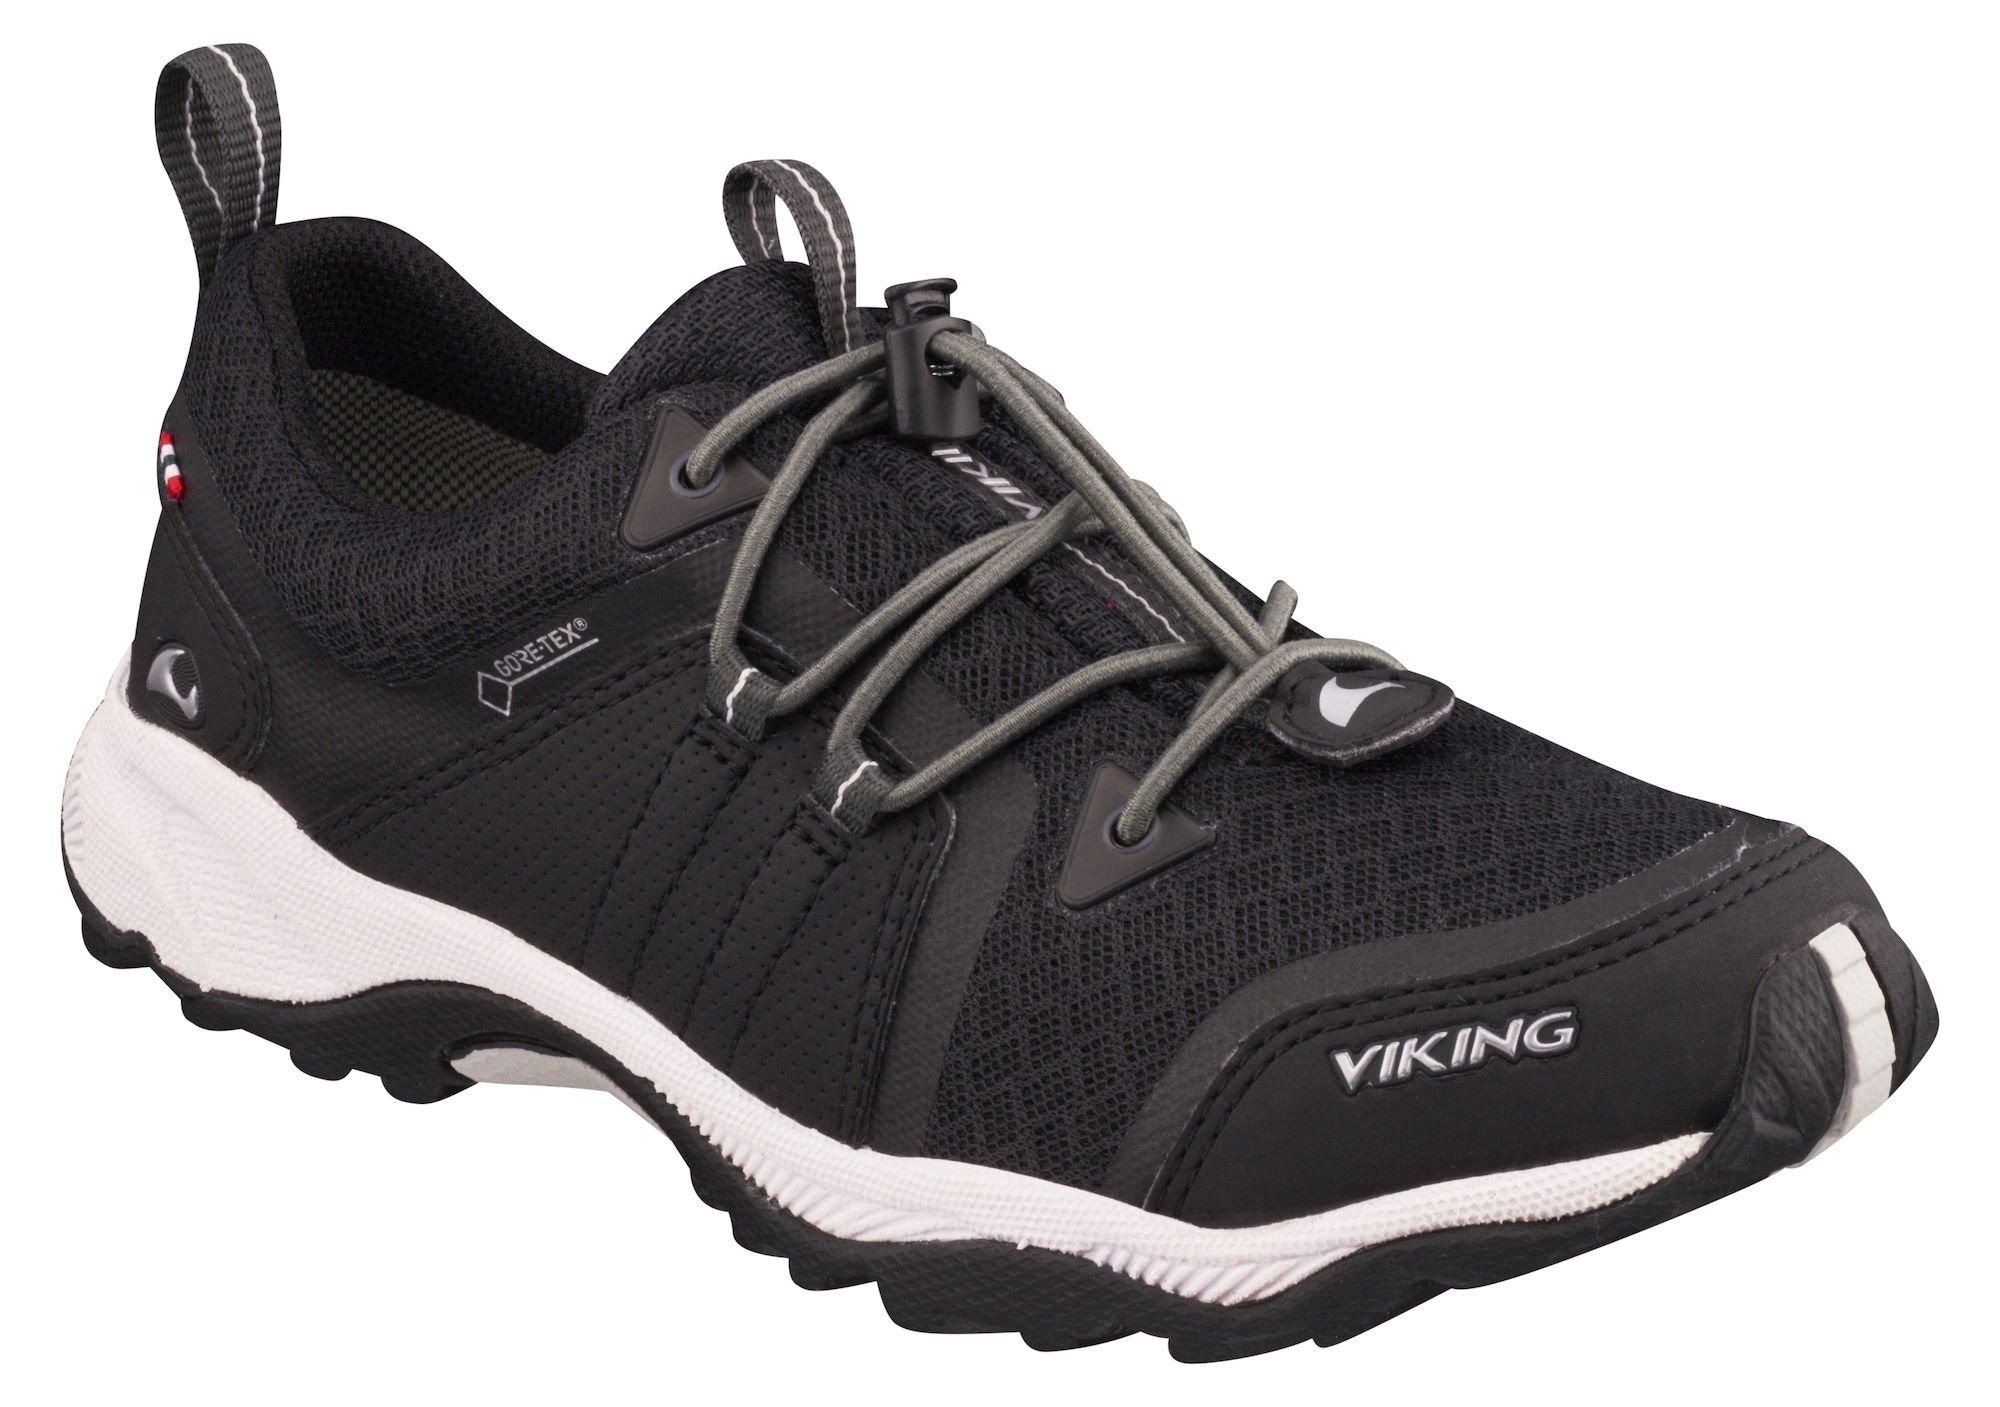 Osta Viking Exterminator Gore tex® Blackgrey kengät Online